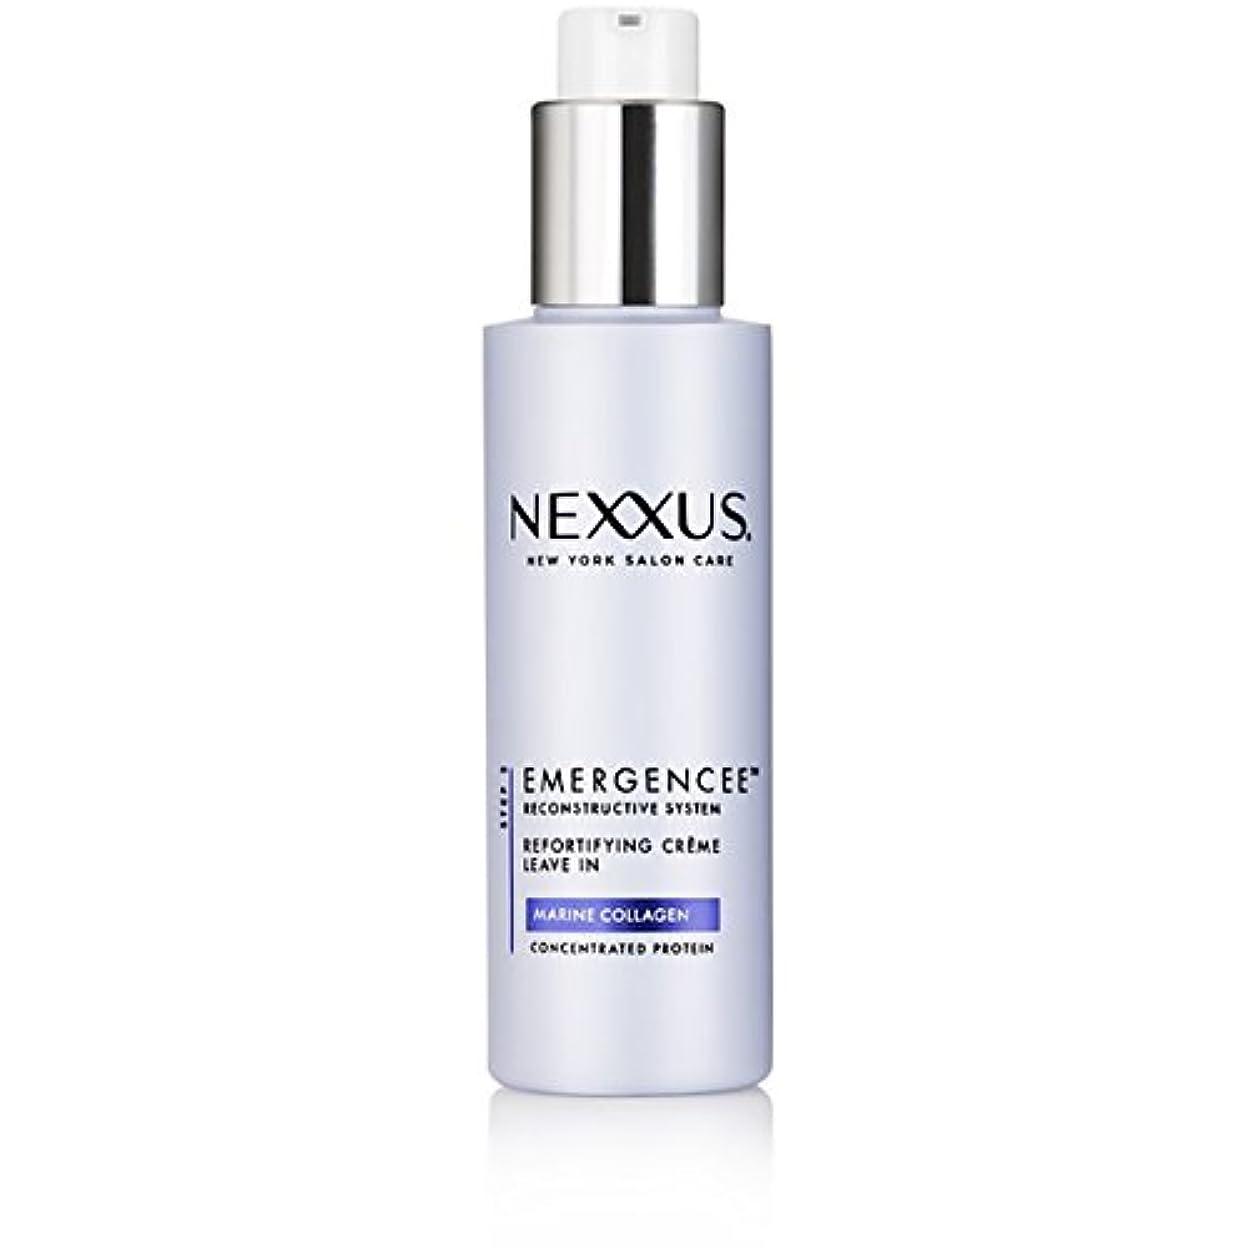 靄だらしないステープルNexxus Emergenceeはダメージを受けた髪のためにクリーム状にしておきます、150 ml